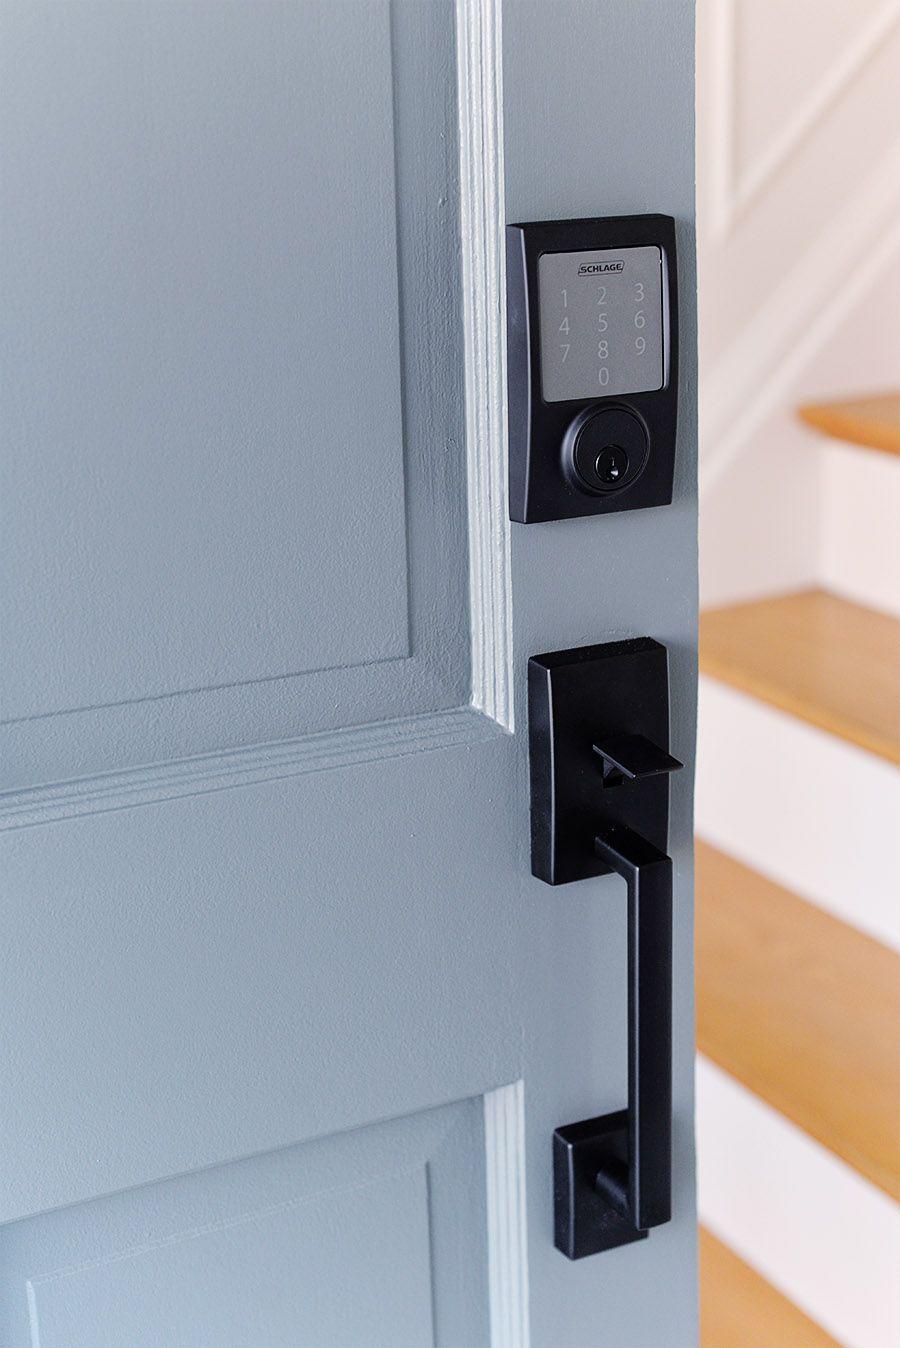 Rambling Renovators A Smart Door Lock And Front Door Refreshhit Sense Smart Lock Smart Door Lock Remote Logi In 2020 Smart Door Locks Front Door Hardware Door Locks